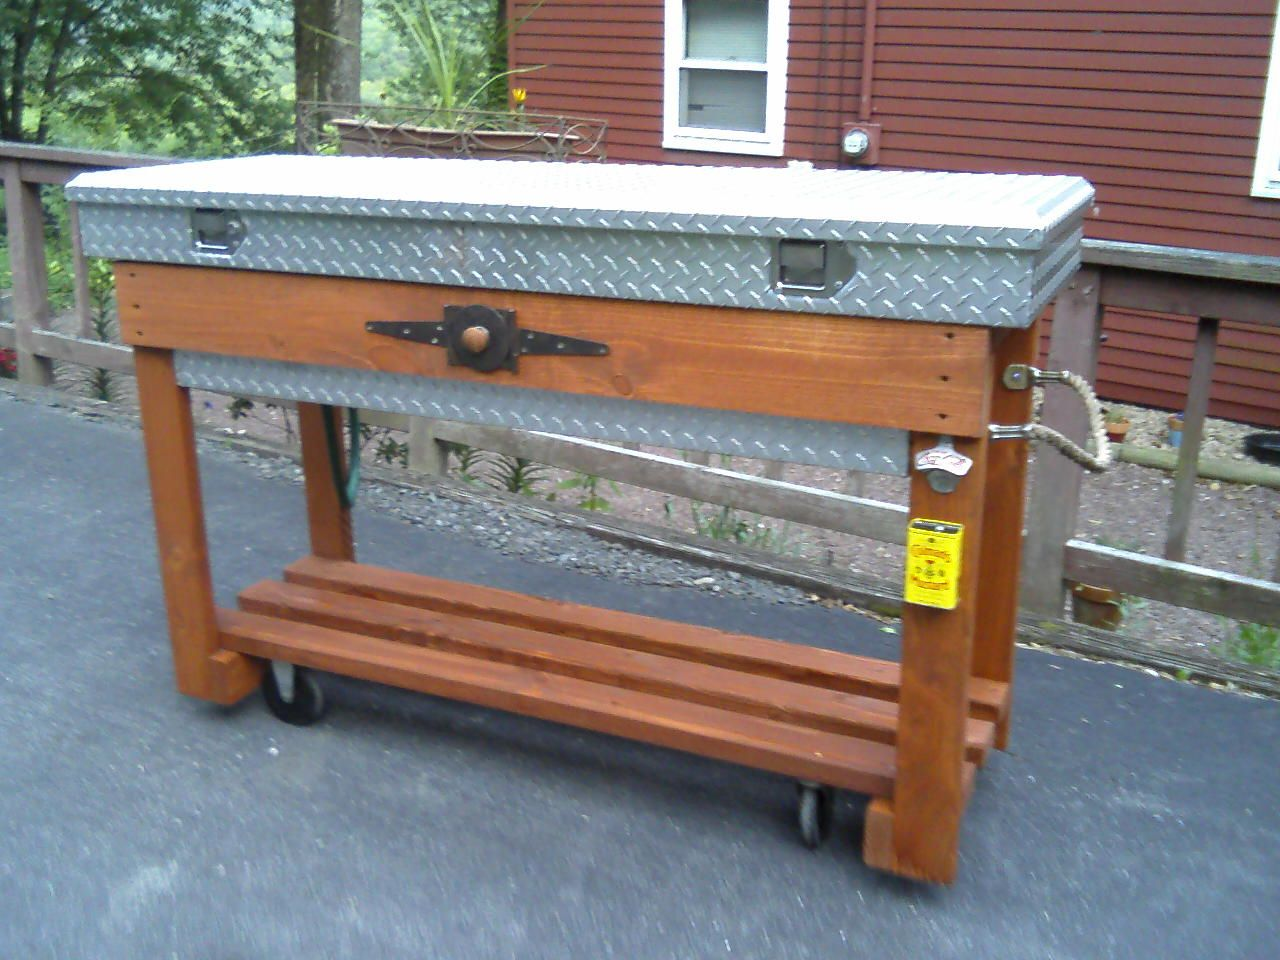 Tool box cooler Tool box diy, Truck tool box, Wood tool box